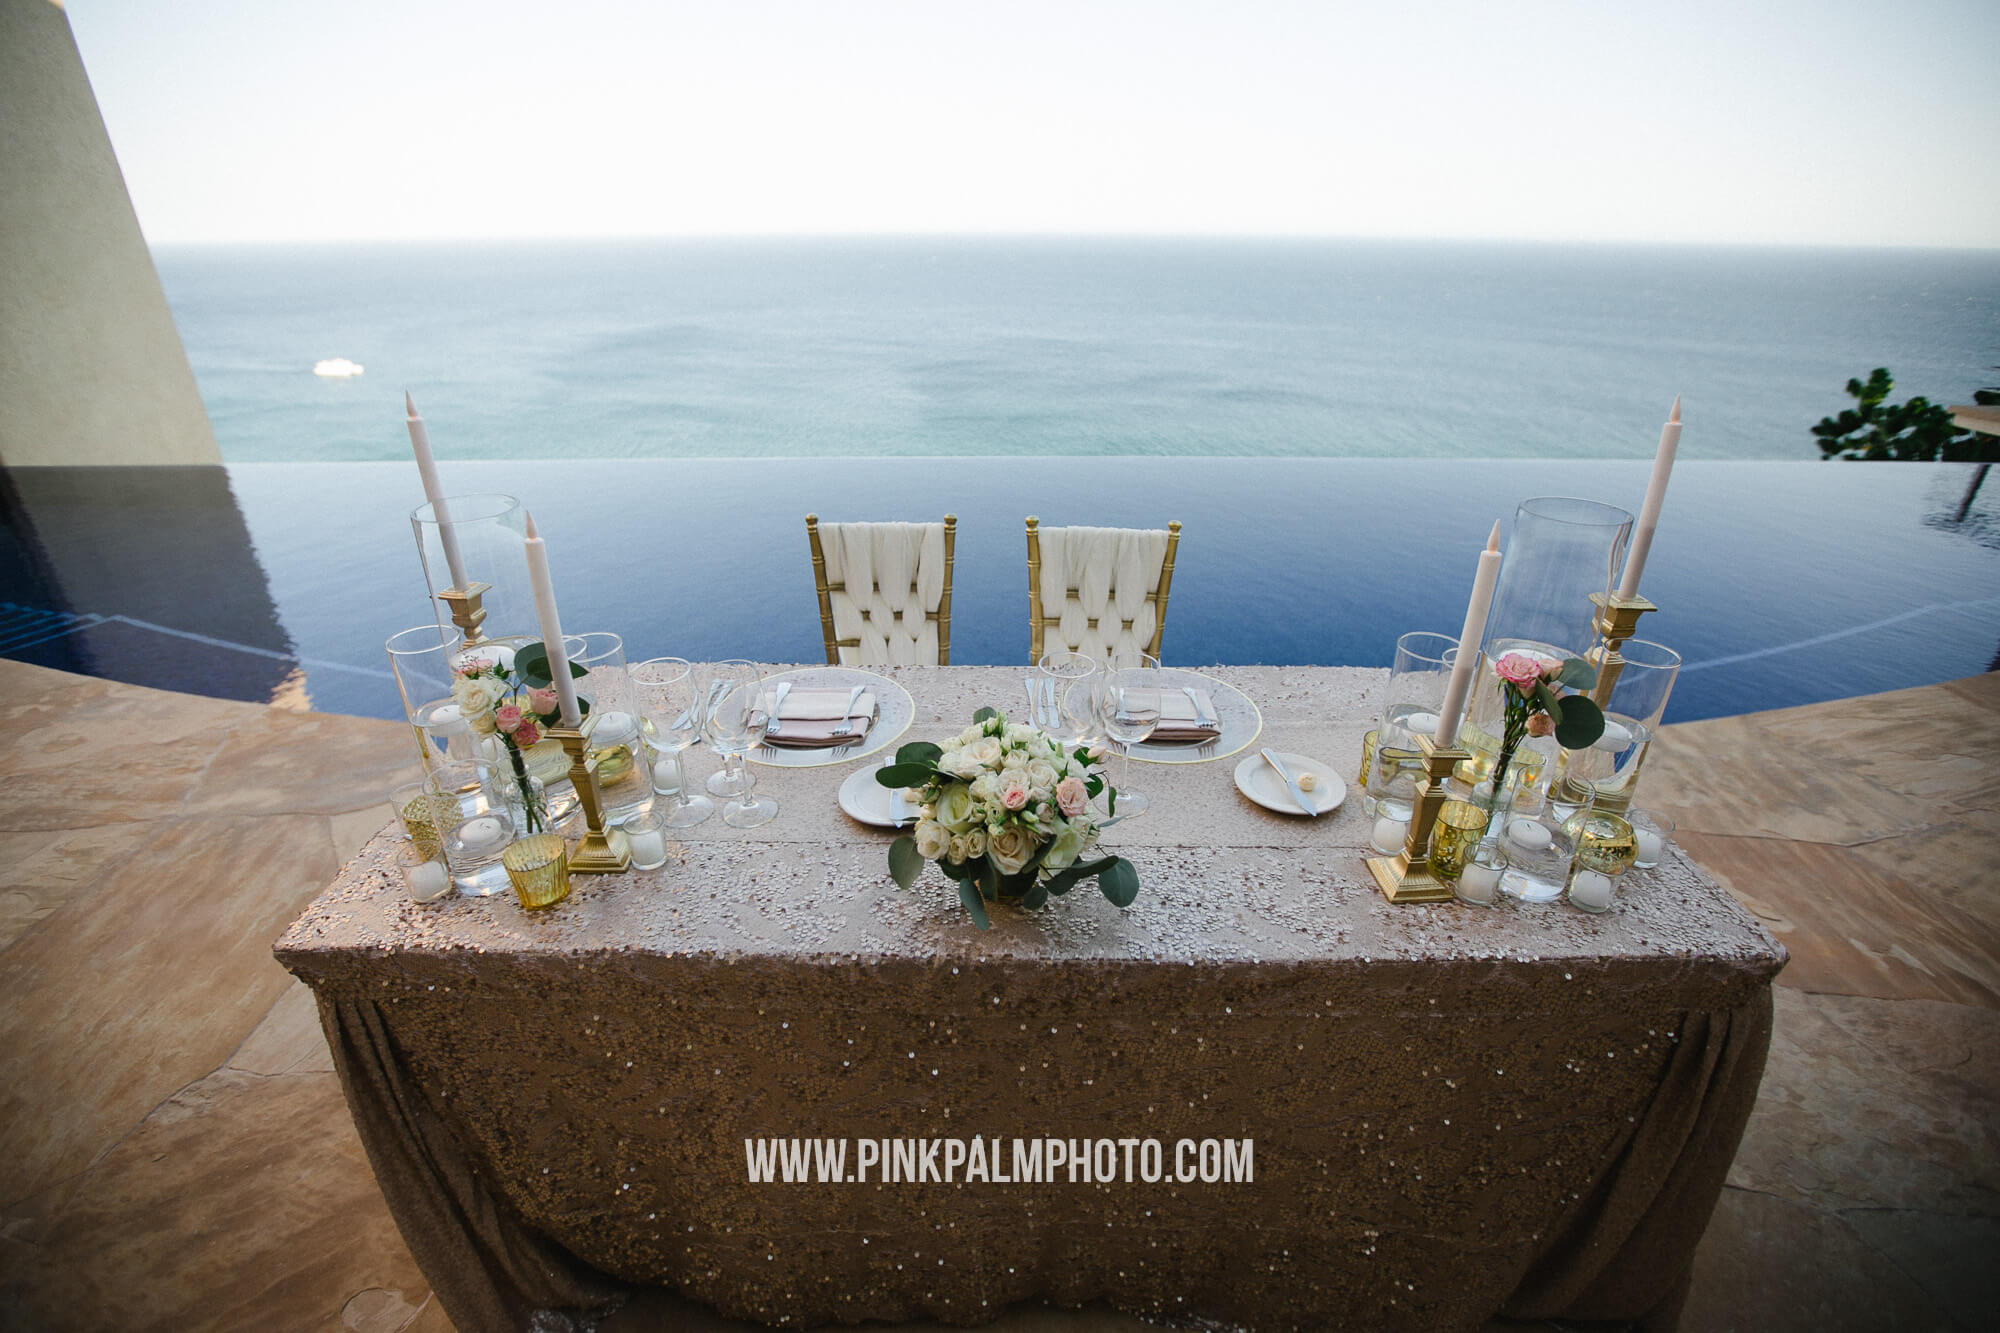 WEDDING AND RECEPTION DÉCOR IN LOS CABOS